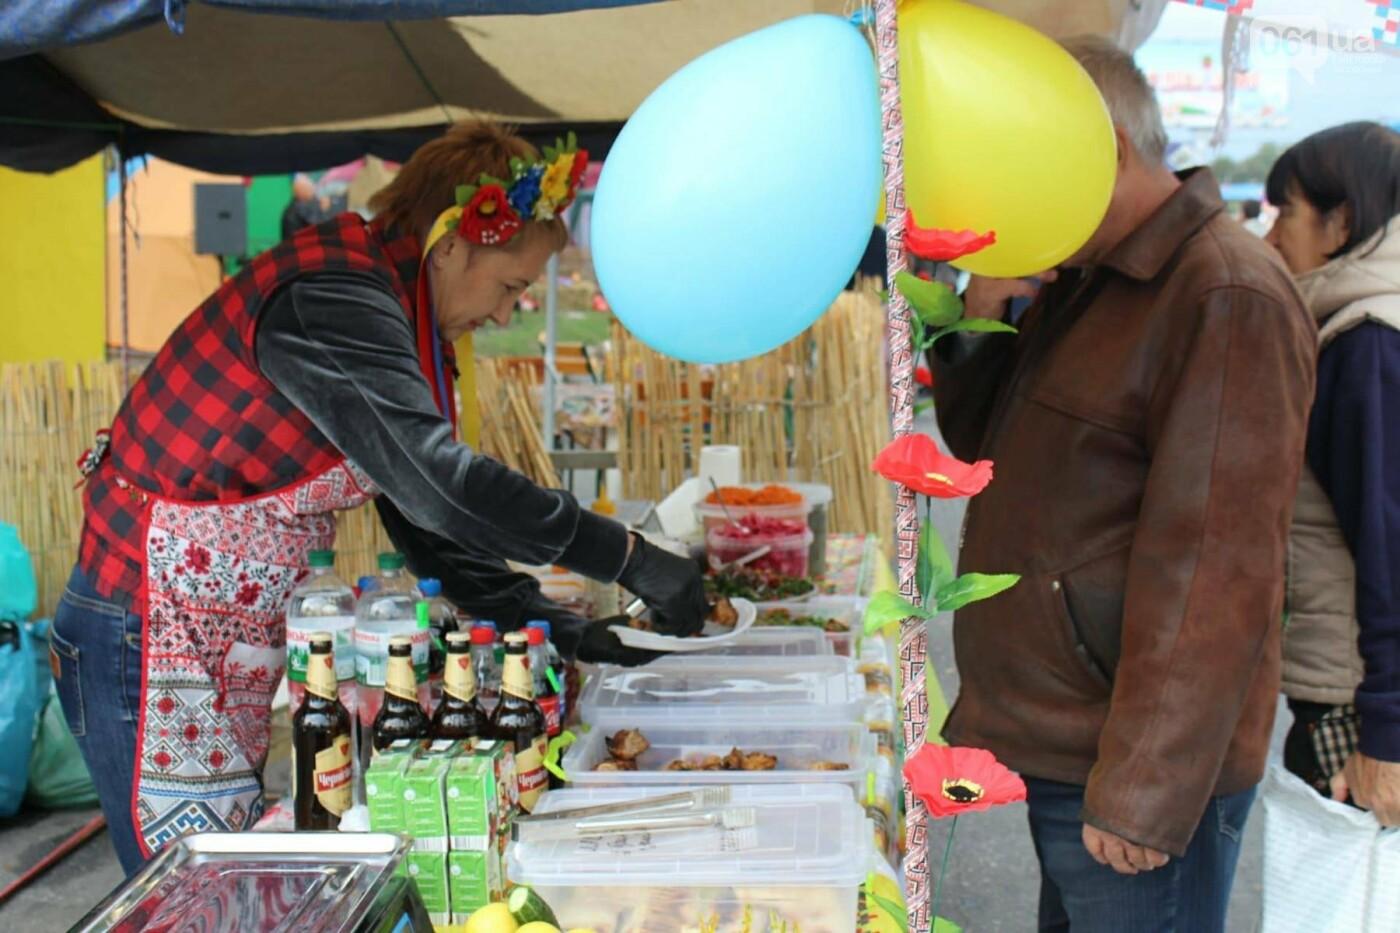 Водка, трусы и картошка: в Запорожье стартовала Покровская ярмарка, - ФОТОРЕПОРТАЖ, фото-3